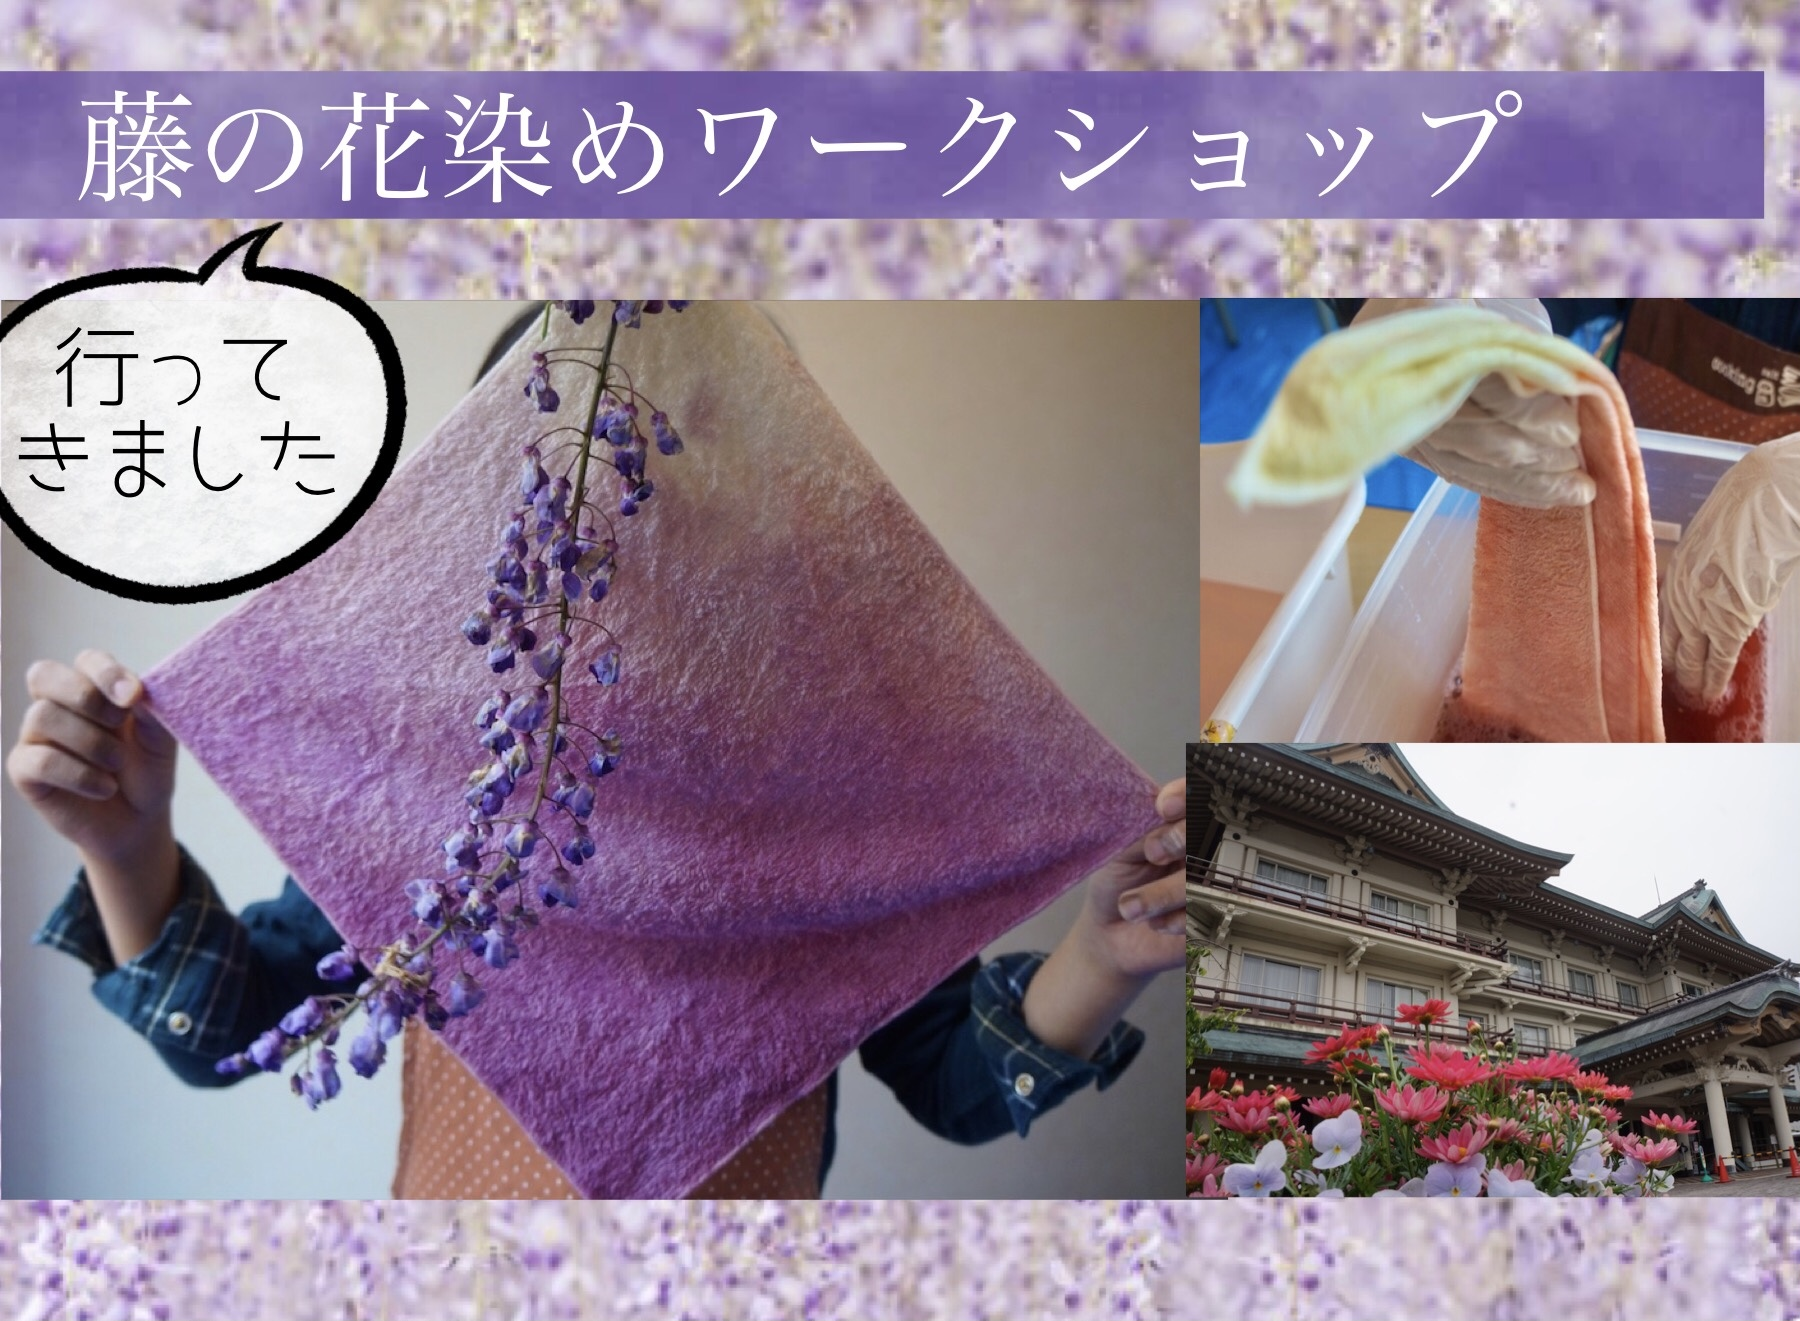 【行ってきました】藤の花染めワークショップ【5/8(土)9(日)】【びわ湖大津館】